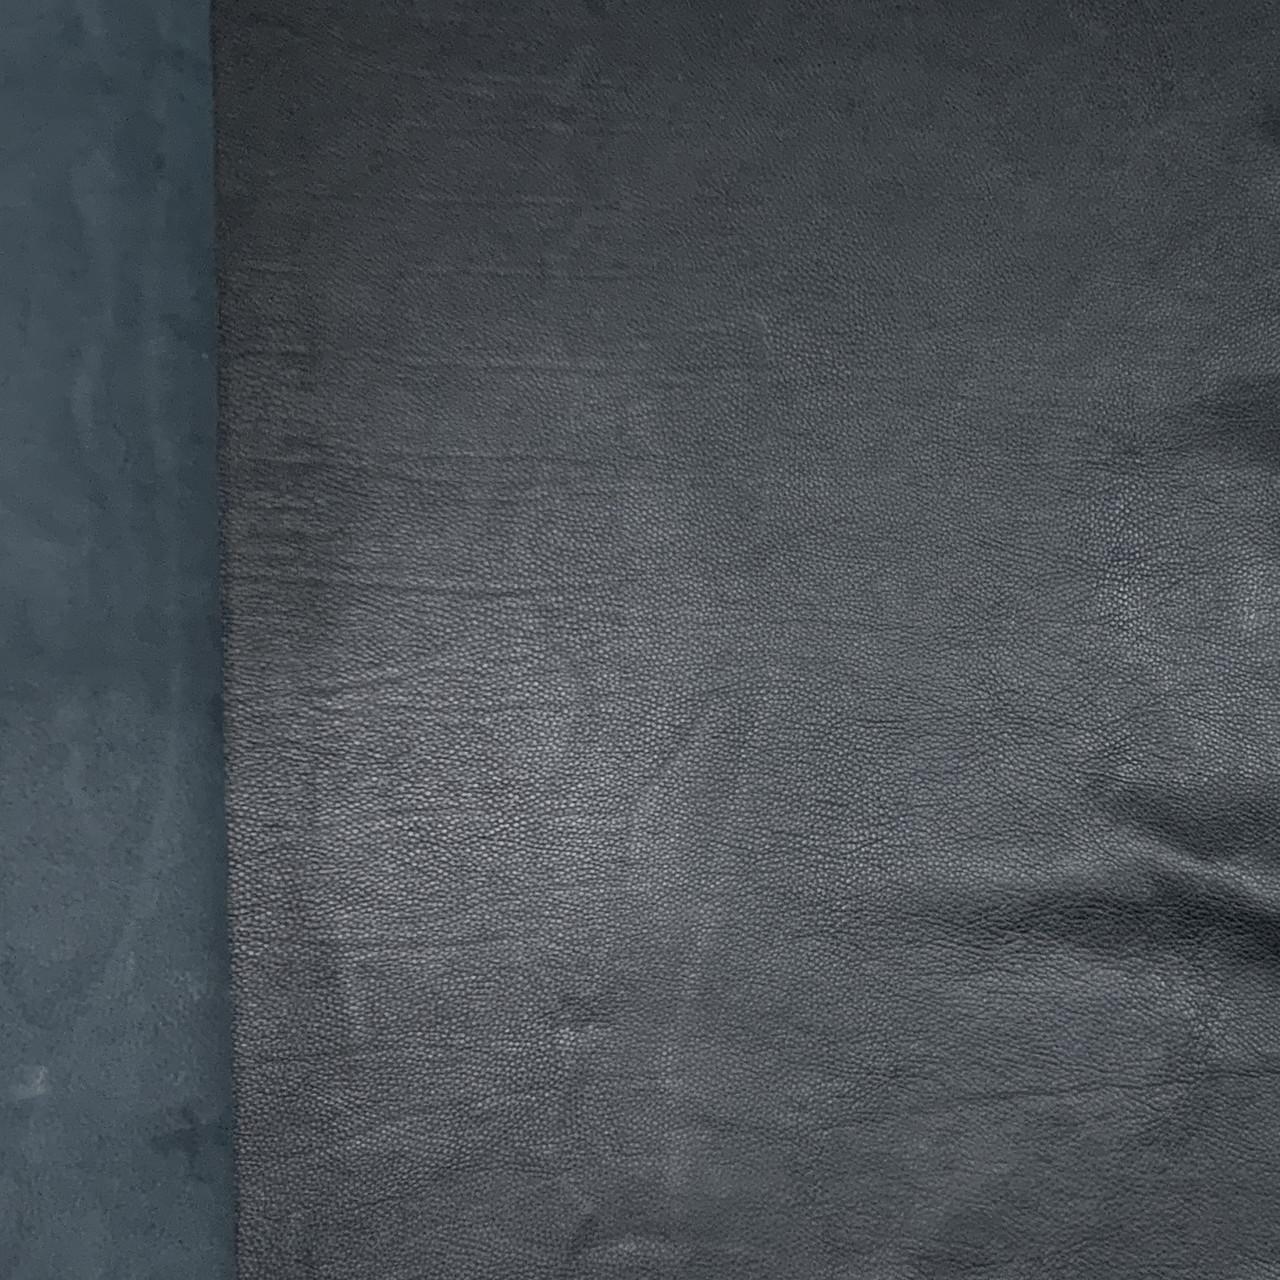 Кожа растительного дубления 1.4mm Black PAS307 138 dm2  Italy